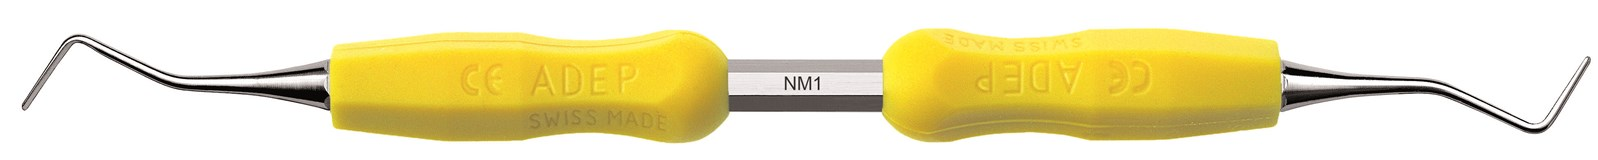 Lžičkové dlátko - NM1, ADEP červený